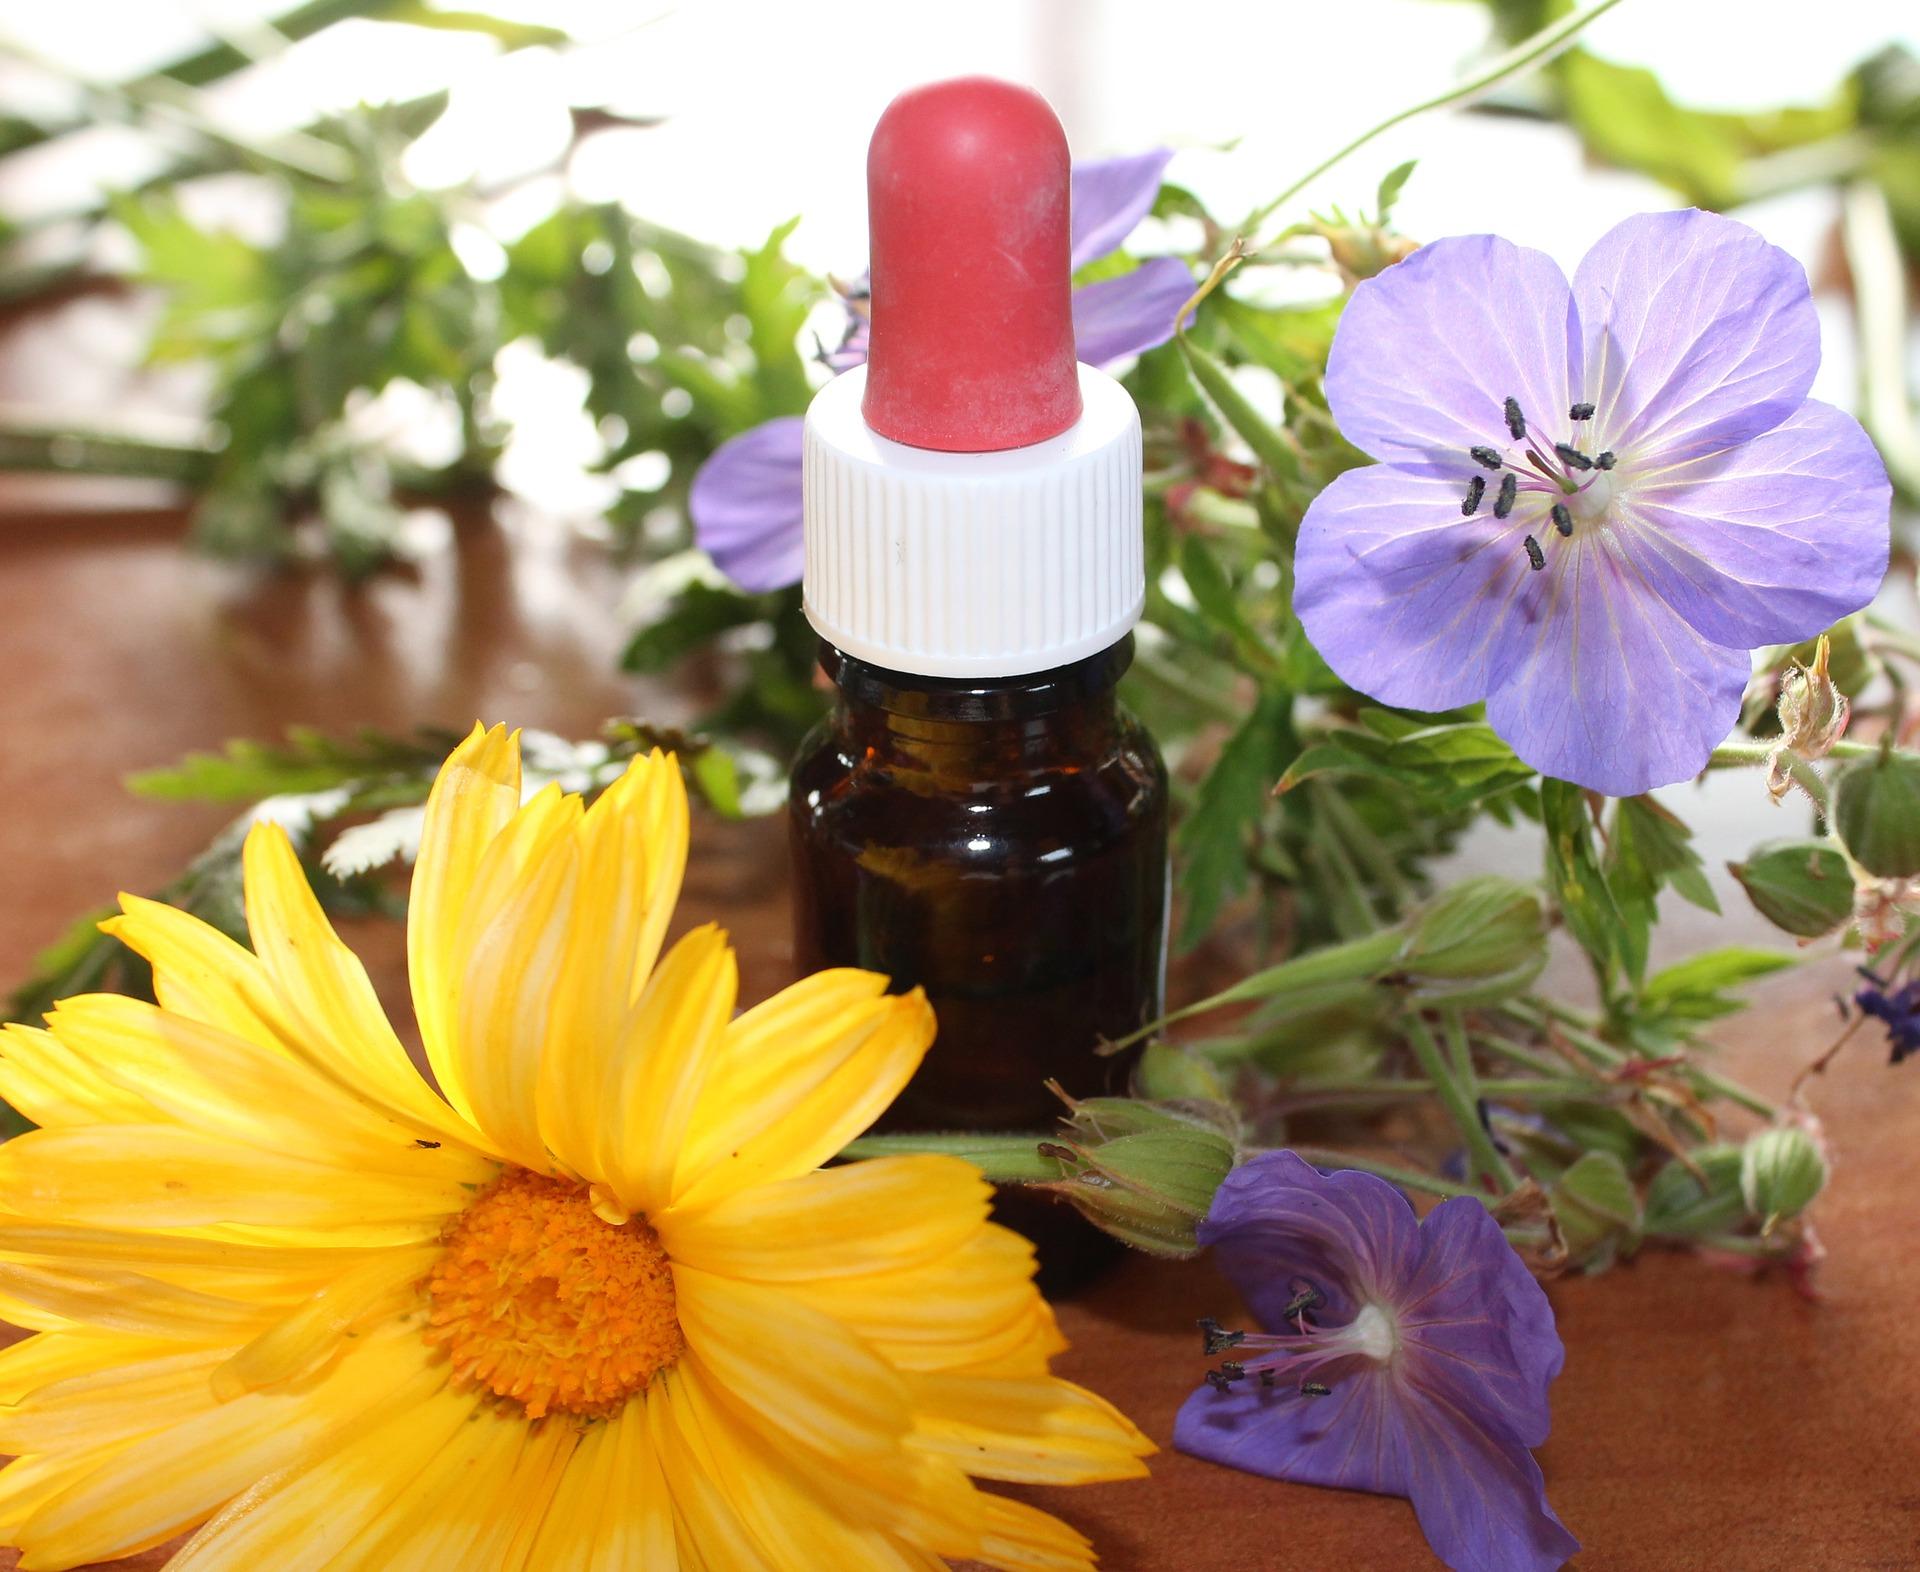 Transformer les Plantes Aromatiques et Médicinales (PAM)